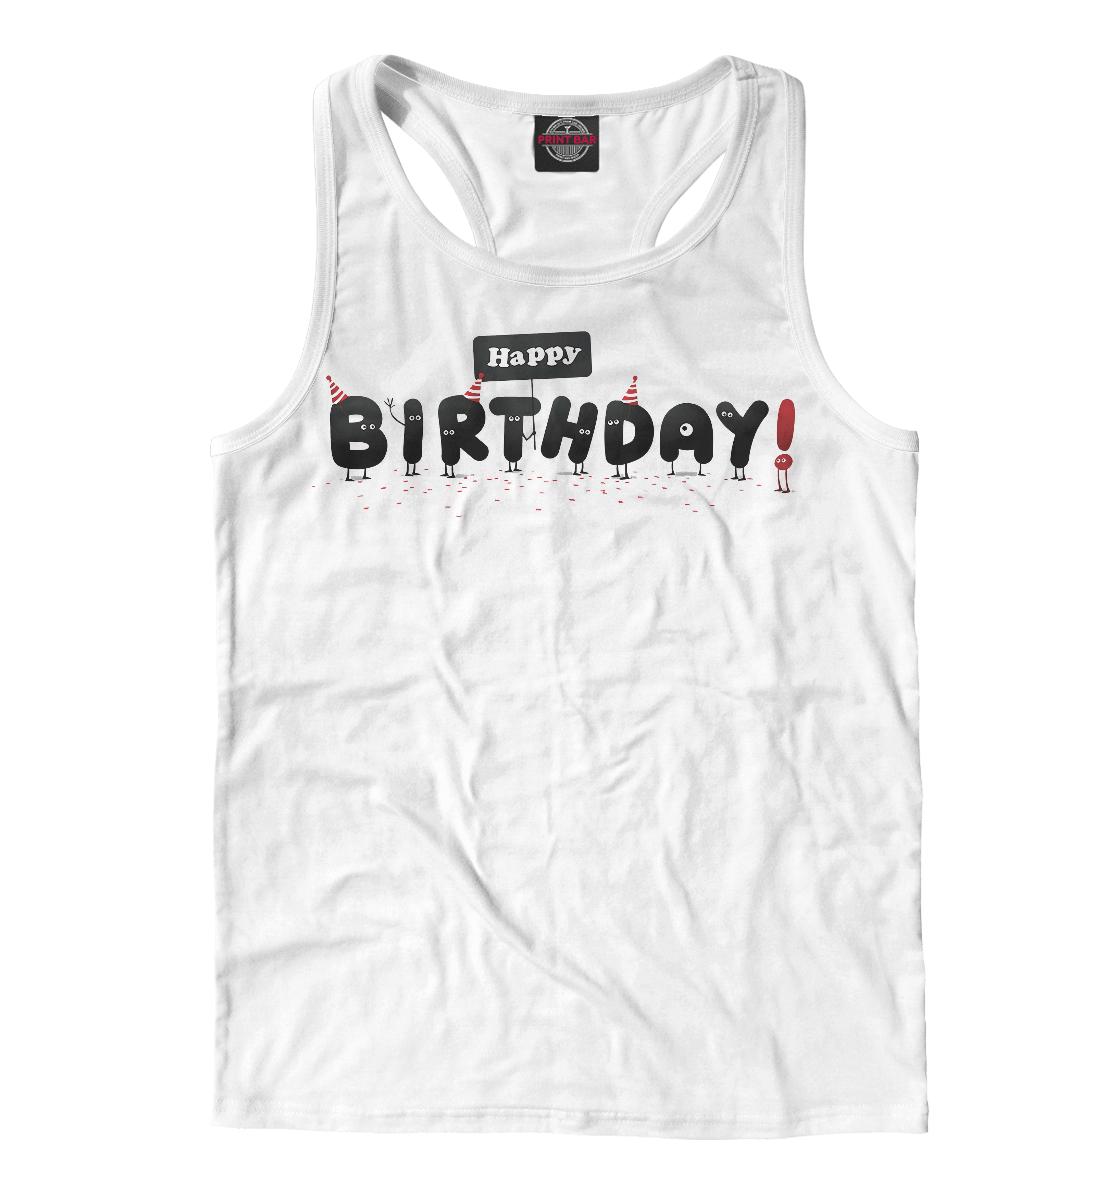 Купить С днем рождения, Printbar, Майки борцовки, NDP-515968-mayb-2